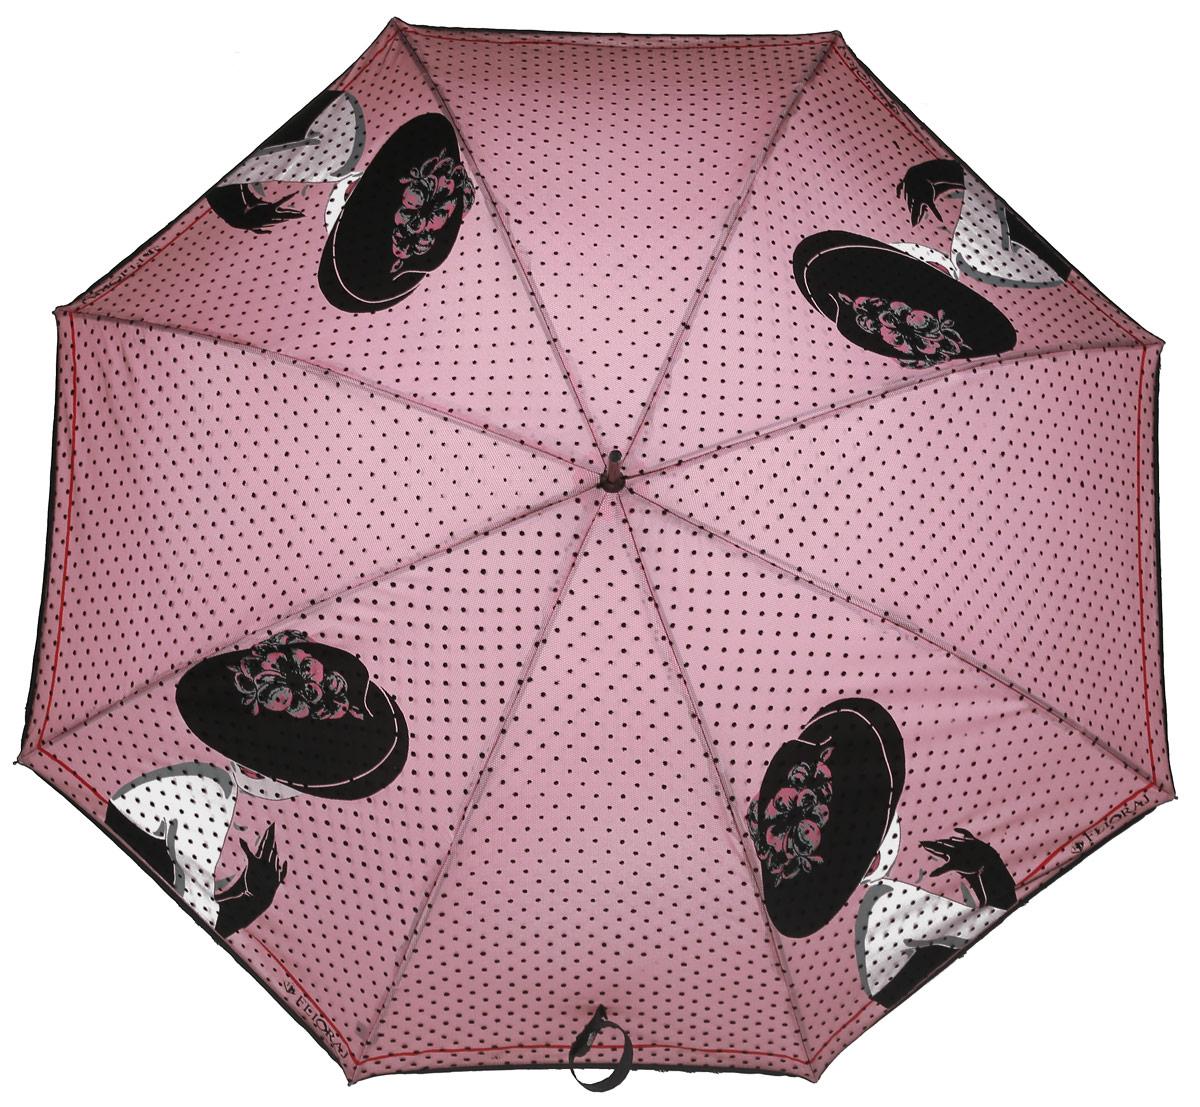 Зонт женский Flioraj, механика, трость, цвет: розовый. 121202 FJ121202 FJЭлегантный зонт FJ. Уникальный каркас из анодированной стали, карбоновые спицы помогут выдержать натиск ураганного ветра. Улучшенный механизм зонта, максимально комфортная ручка держателя, увеличенный в длину стержень, тефлоновая пропитка материала купола - совершенство конструкции с изысканностью изделия на фоне конкурентоспособной цены.